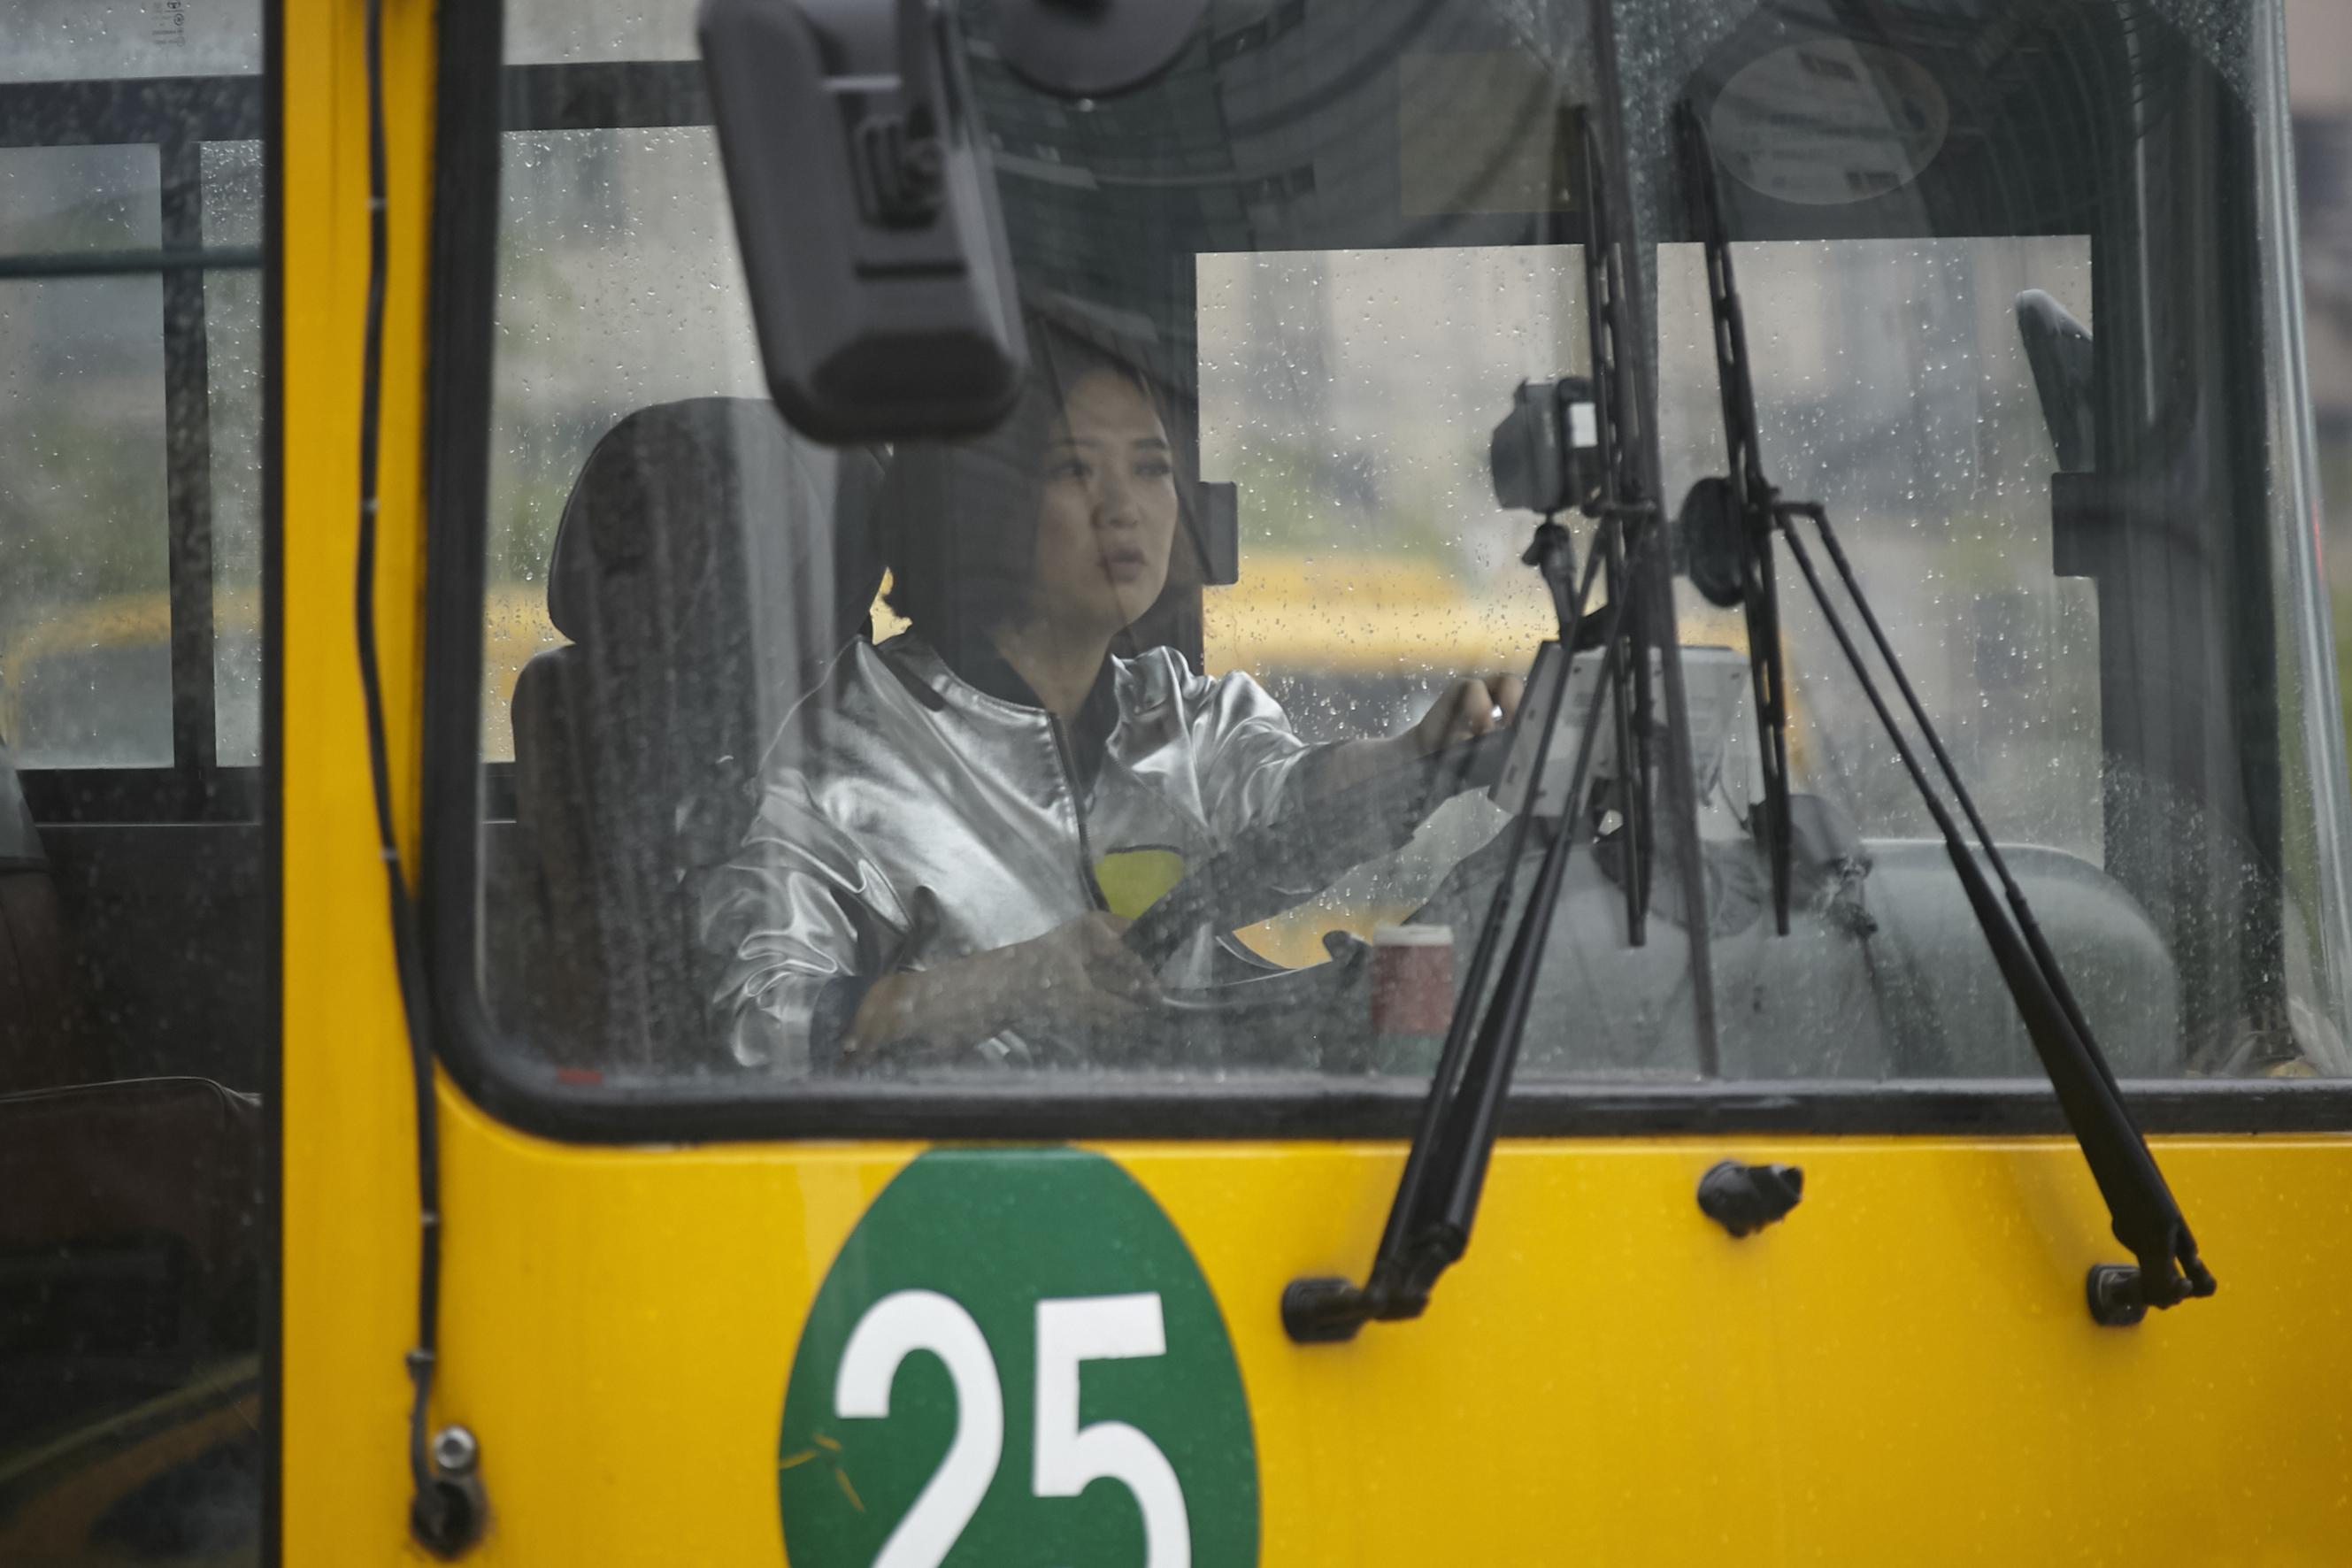 걸그룹 데뷔, 대형 버스 운전...꿈 이뤄주는 '언..